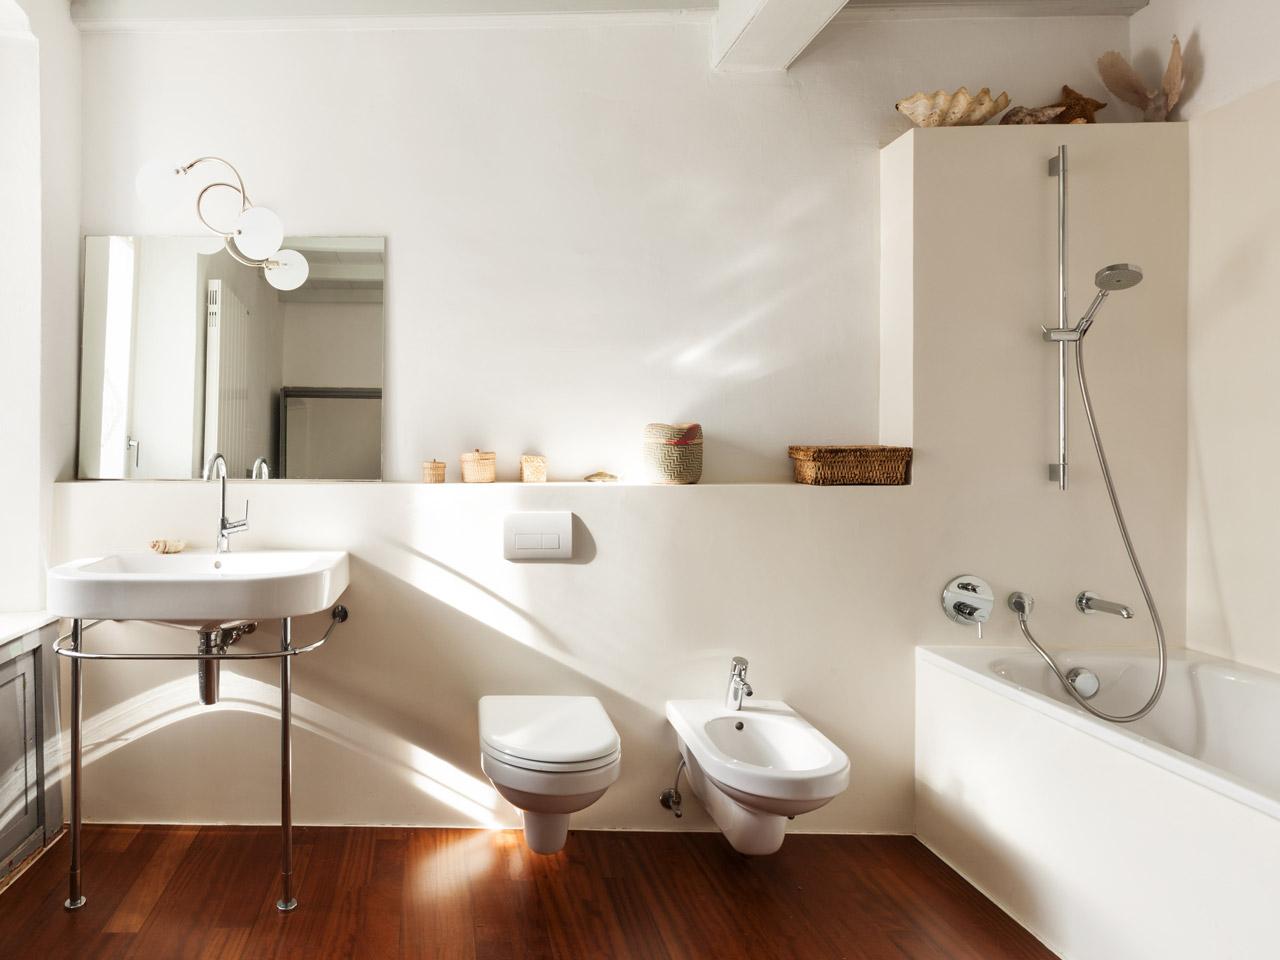 Badezimmer Ablage Dekorieren